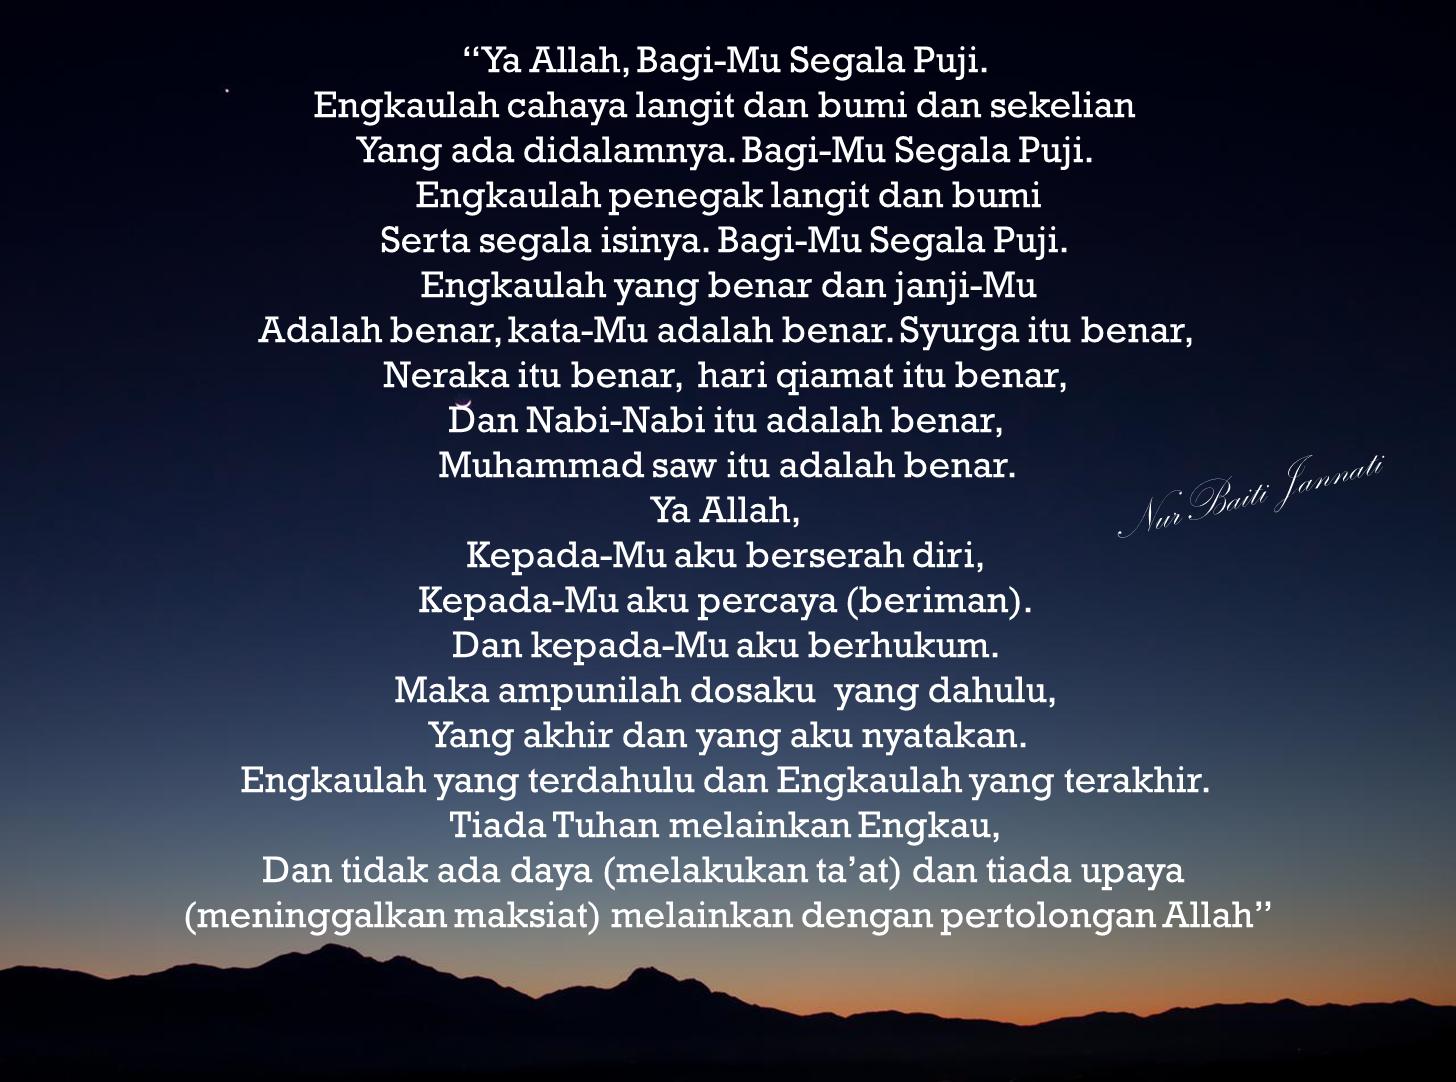 Kata Mutiara Islami Di Malam Hari Mutiara Malam Islam